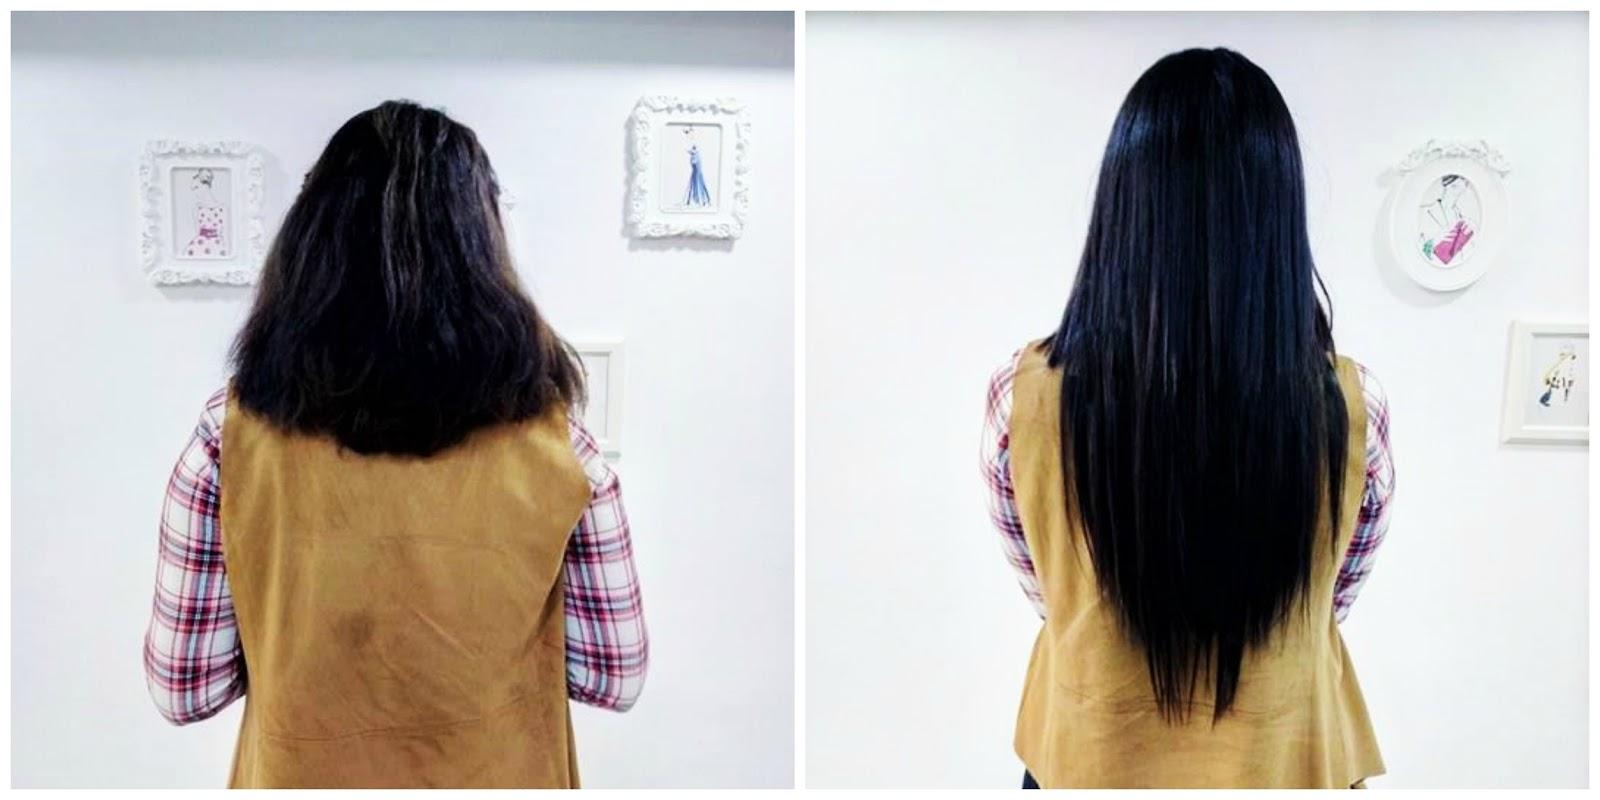 Extensiones de clip antes y despues de adelgazar